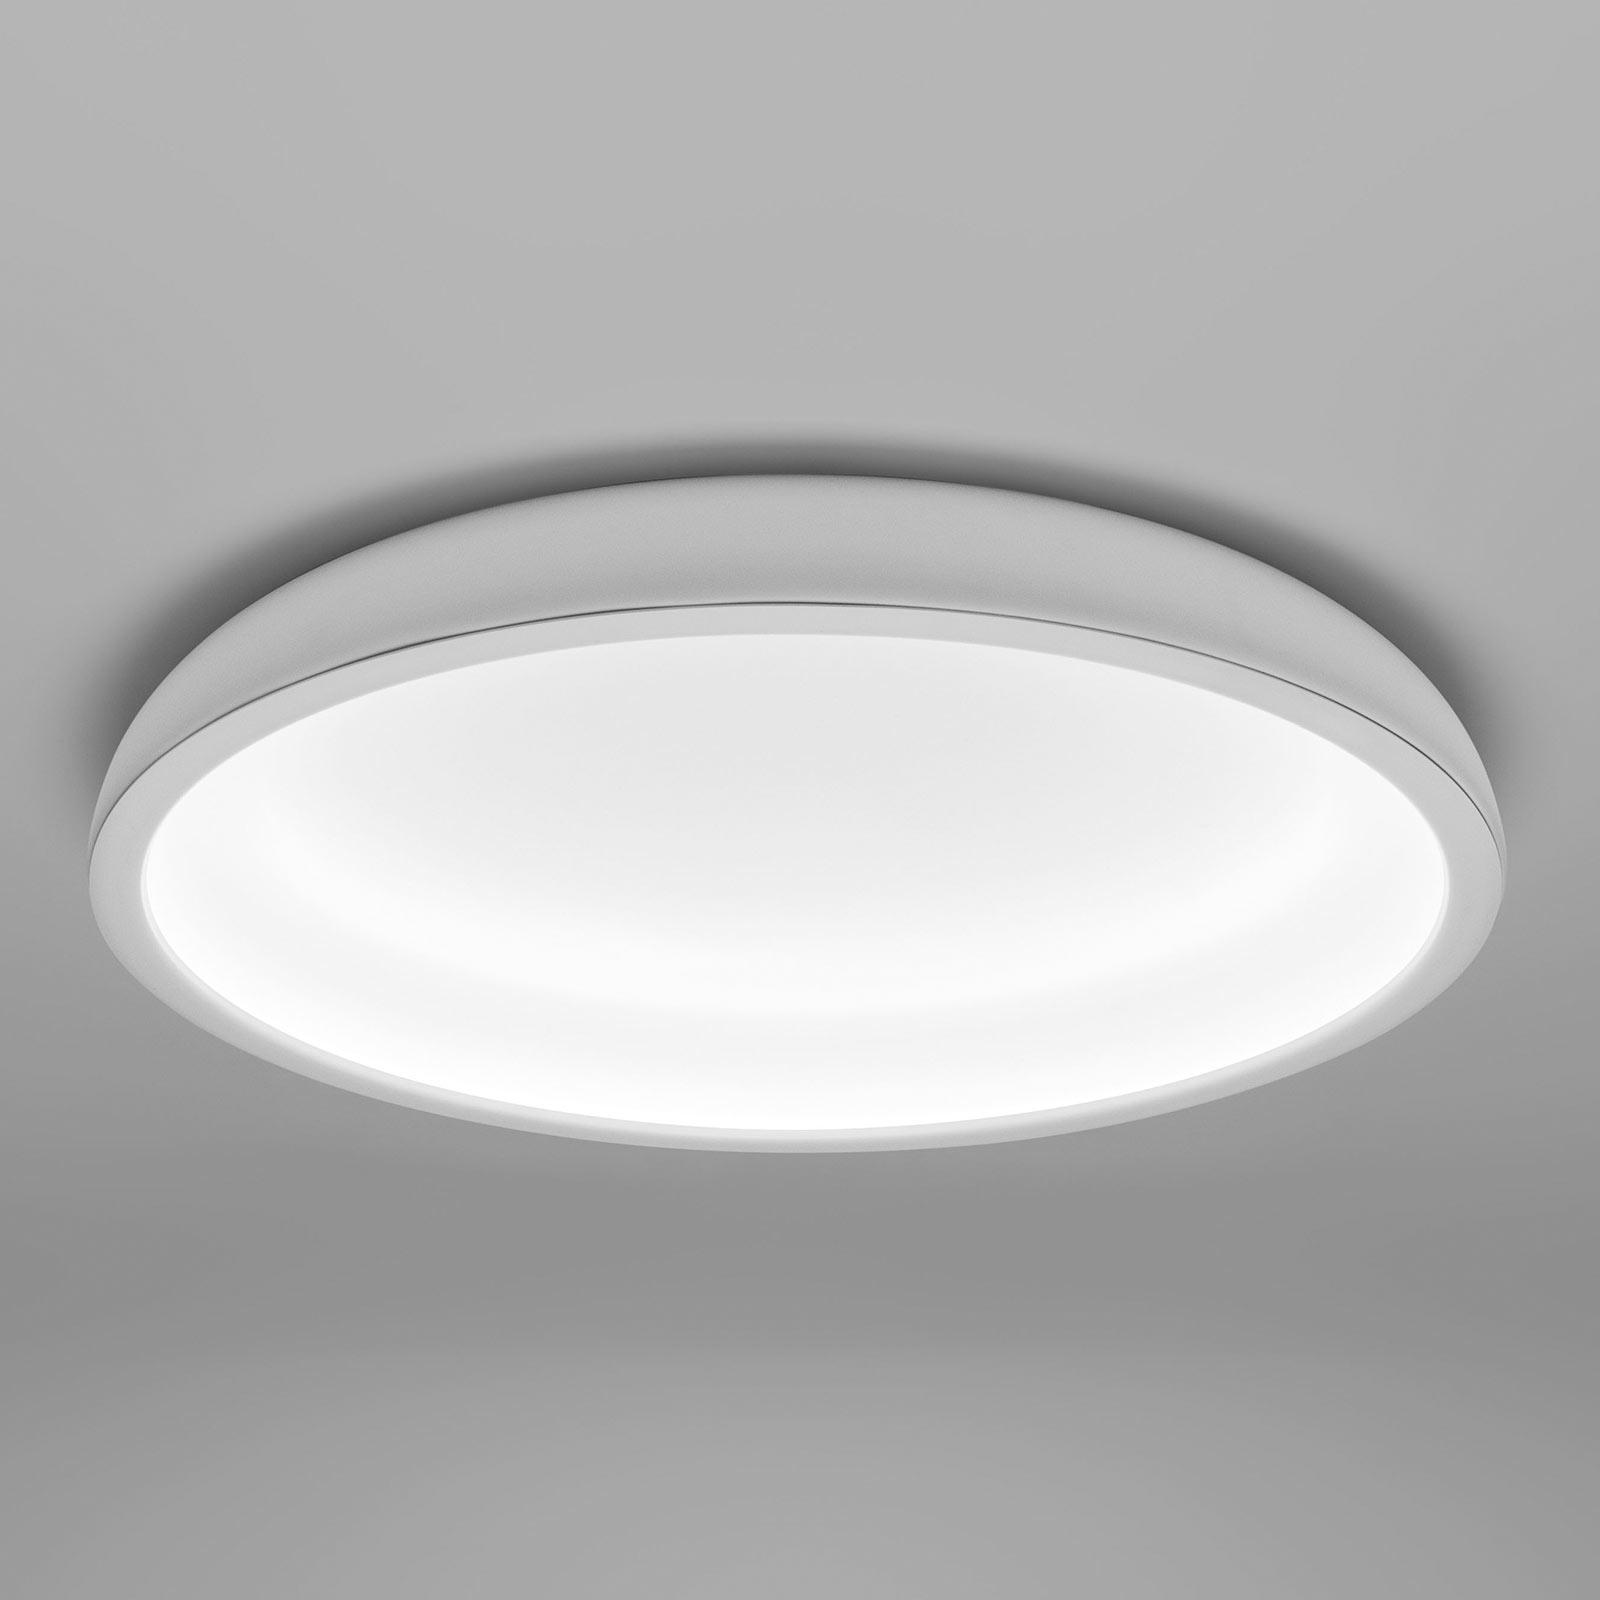 Lampa sufitowa LED Reflexio, Ø 46cm, biała